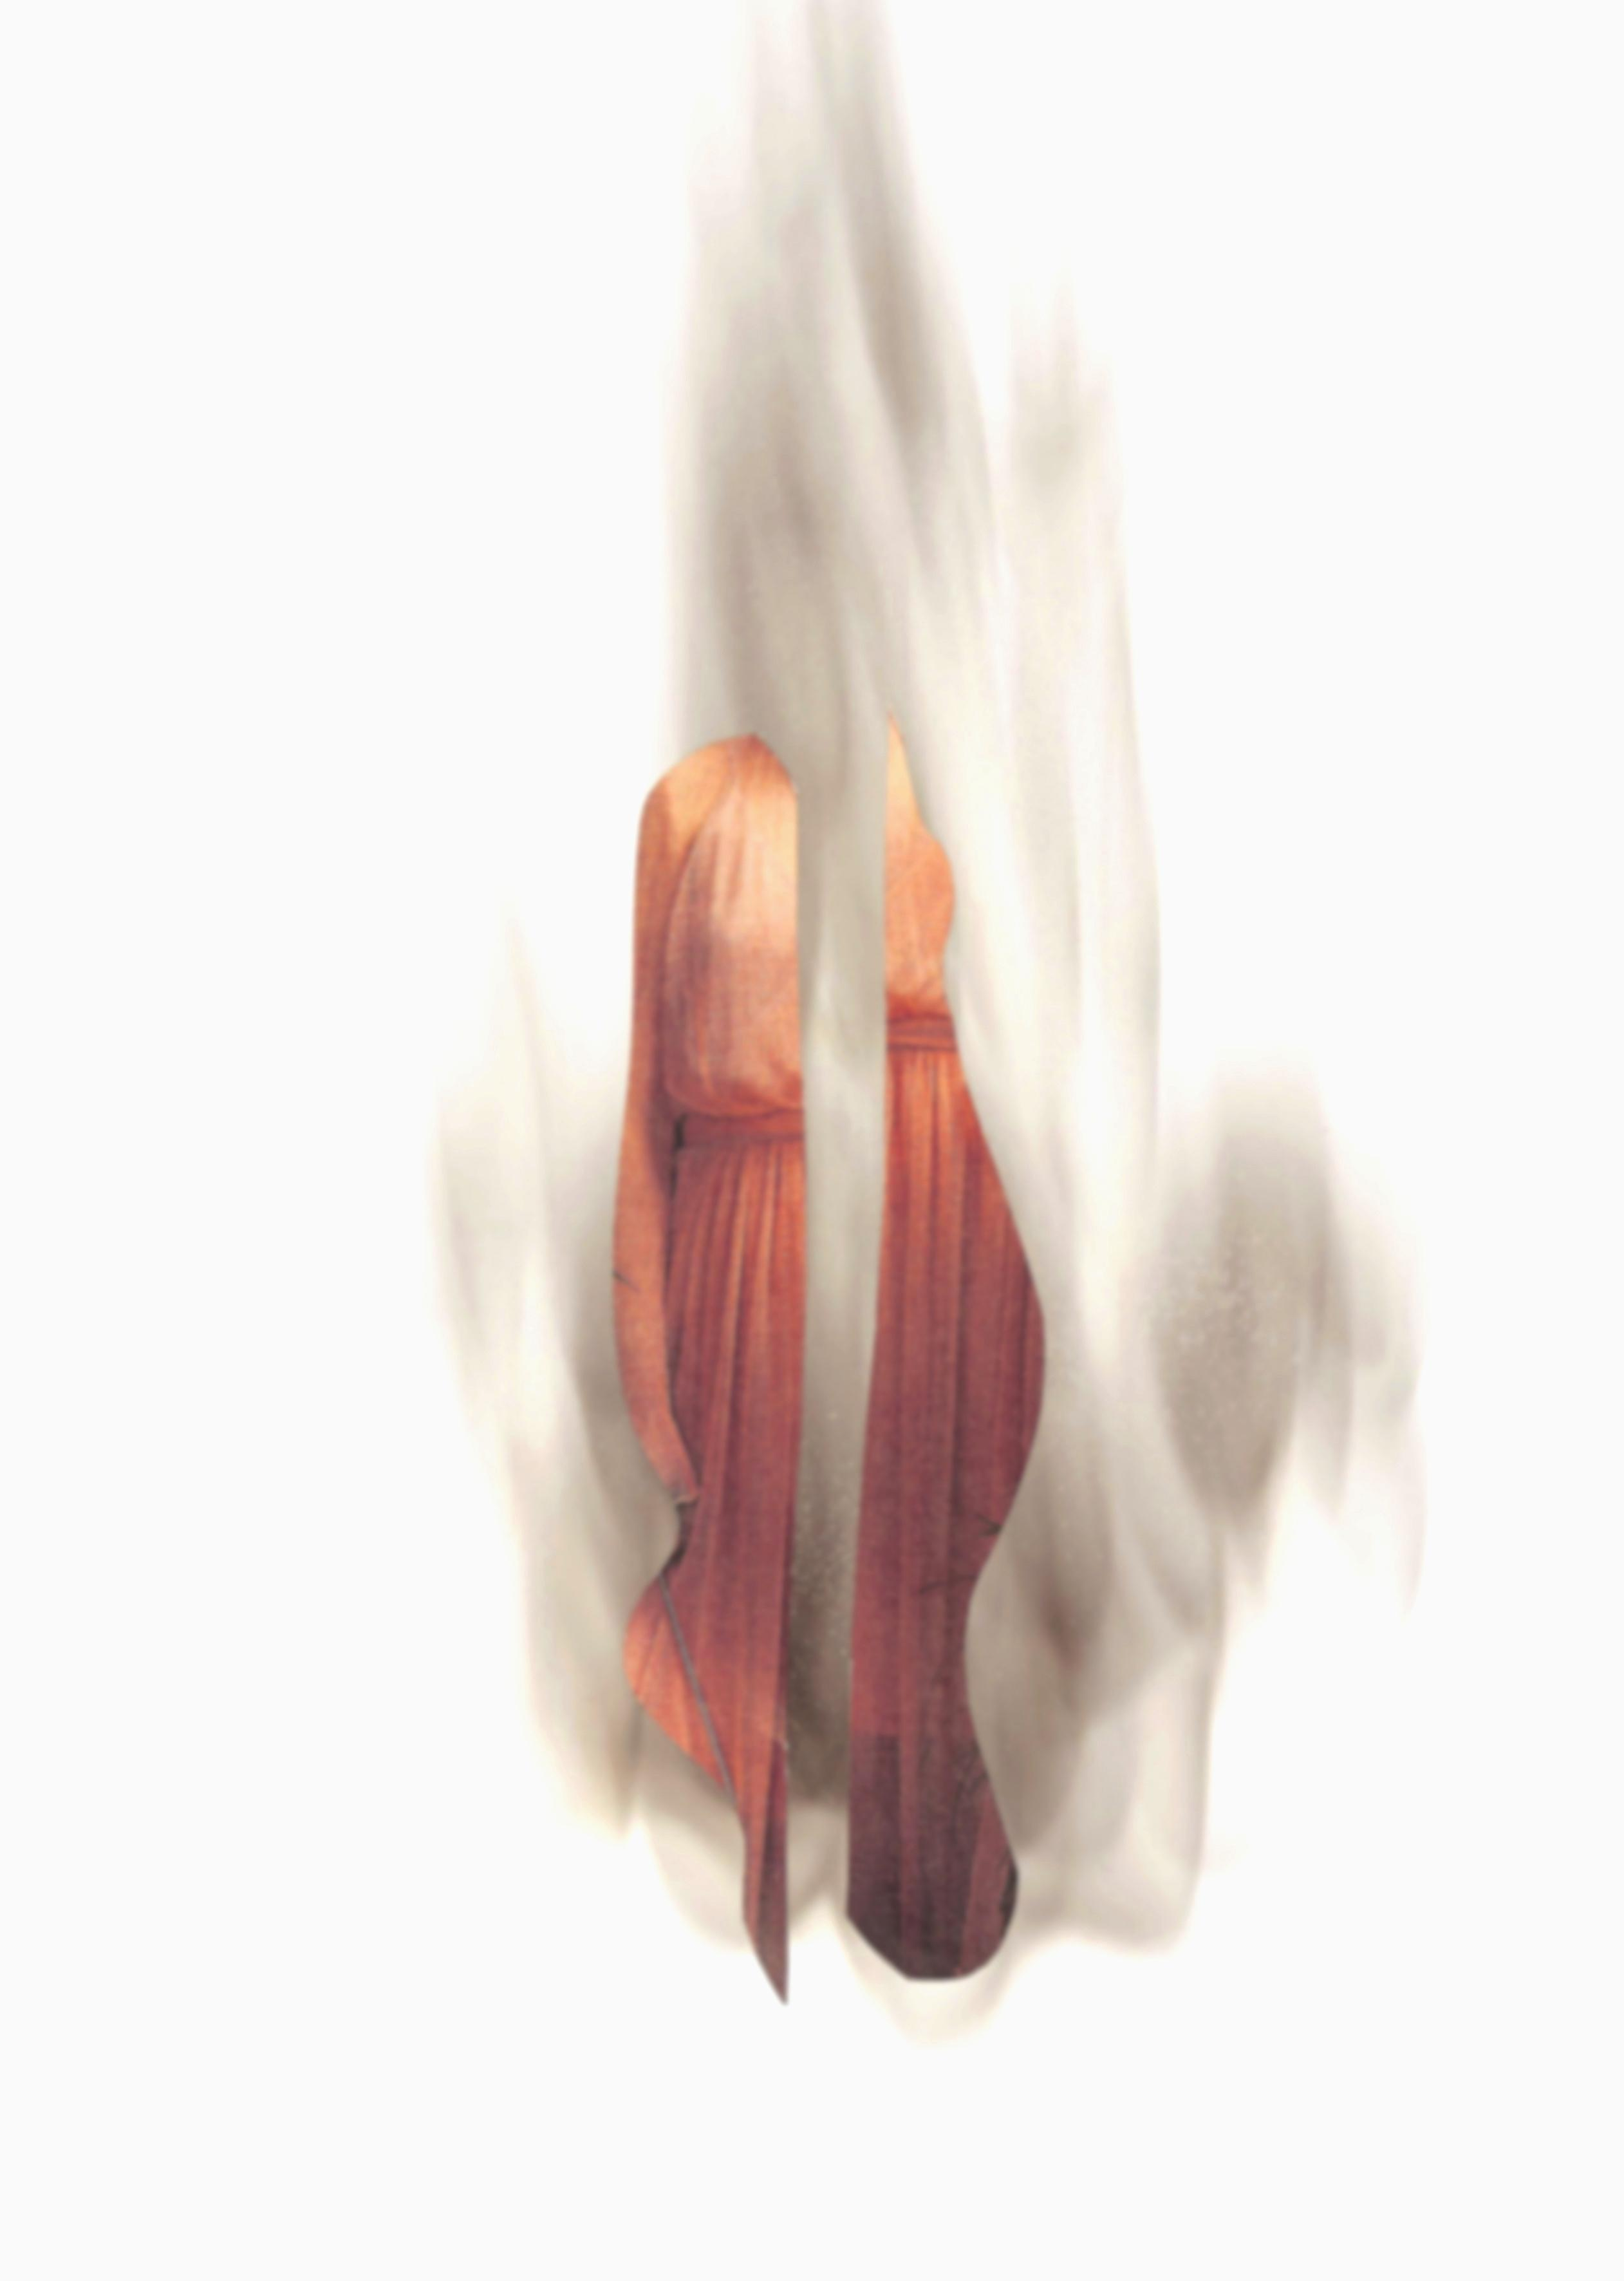 Fantôme Exceptionnel 2 // Collage mit Ruß // 30 x 21 cm // 2018